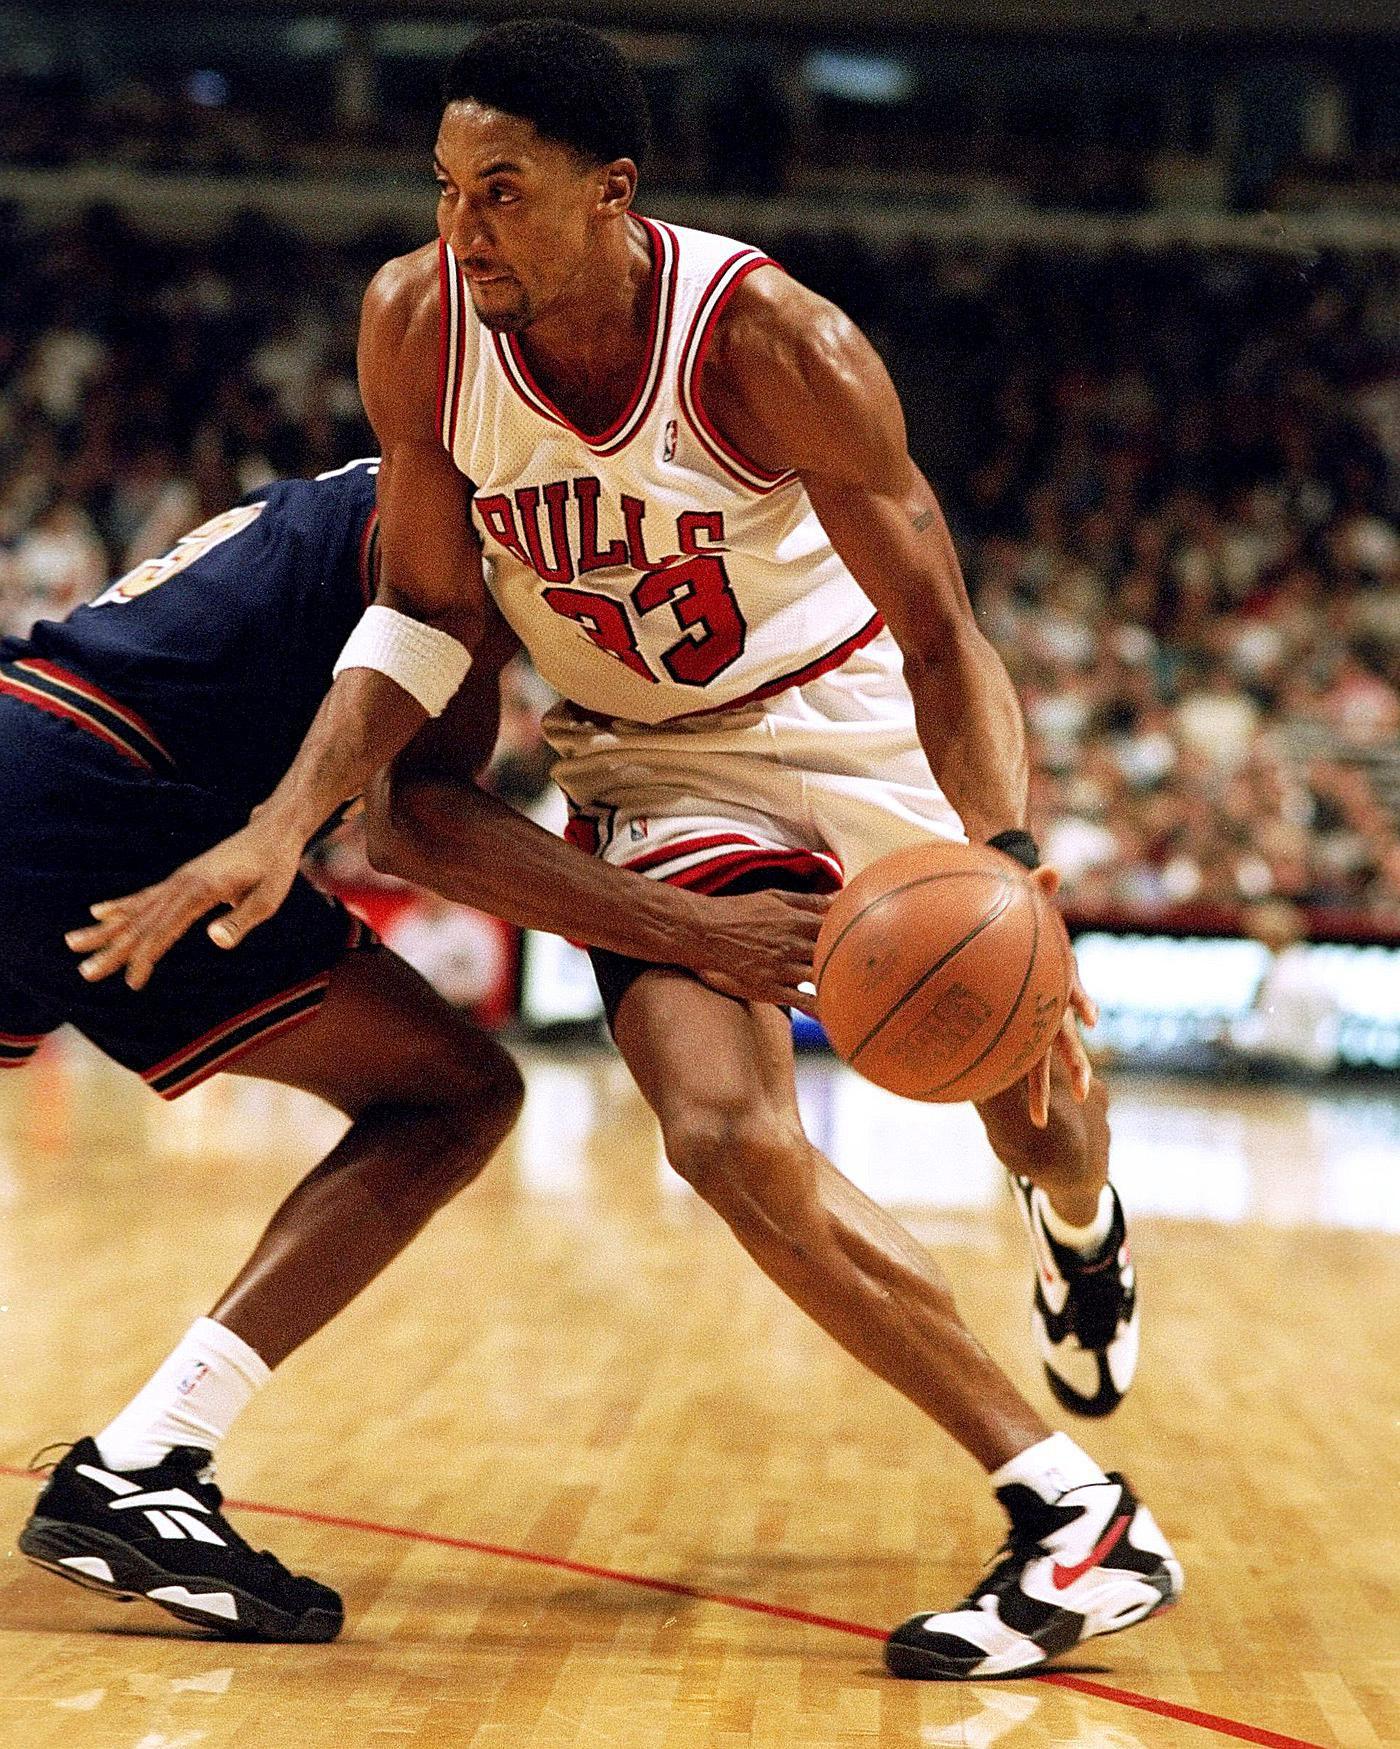 755d0ced81b Scottie Pippen s 10 Best On-Court Shoes